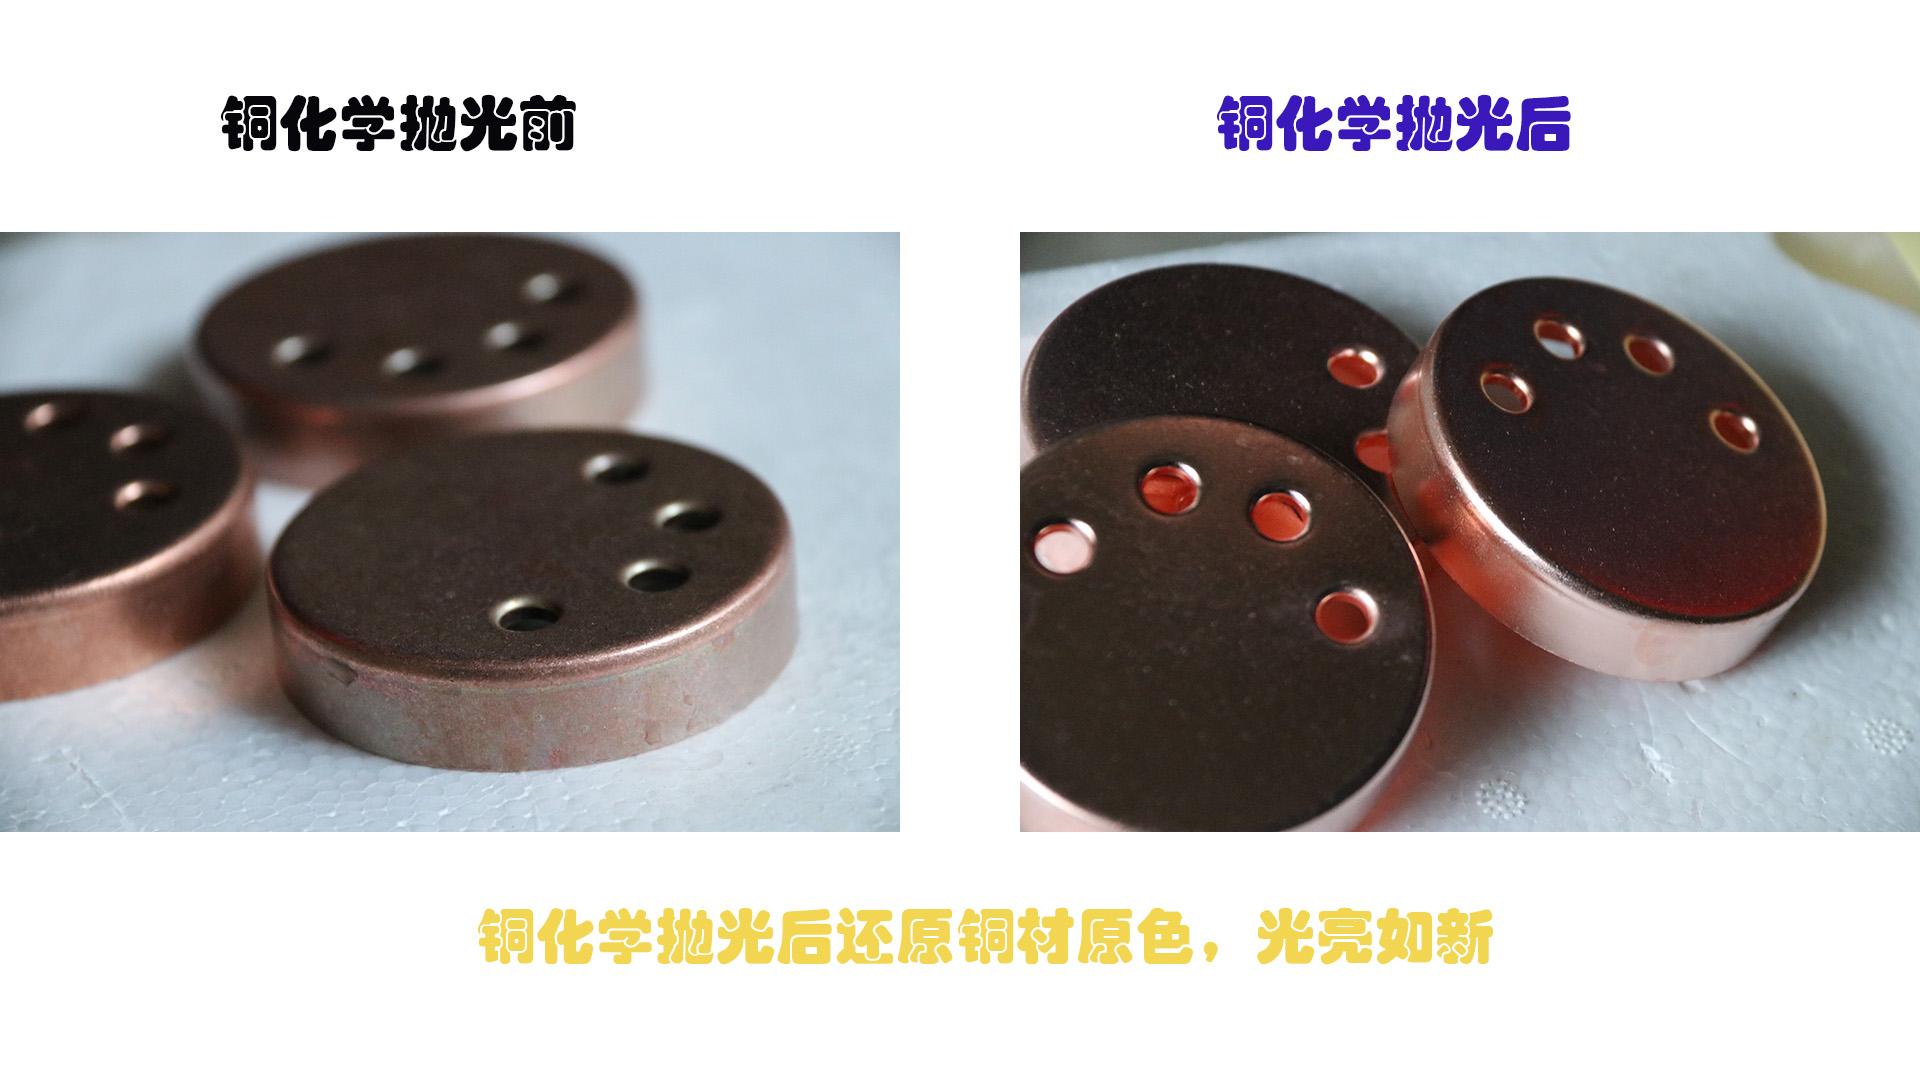 铜除油、铜抛光、铜保护工艺全过程,还原铜材光亮